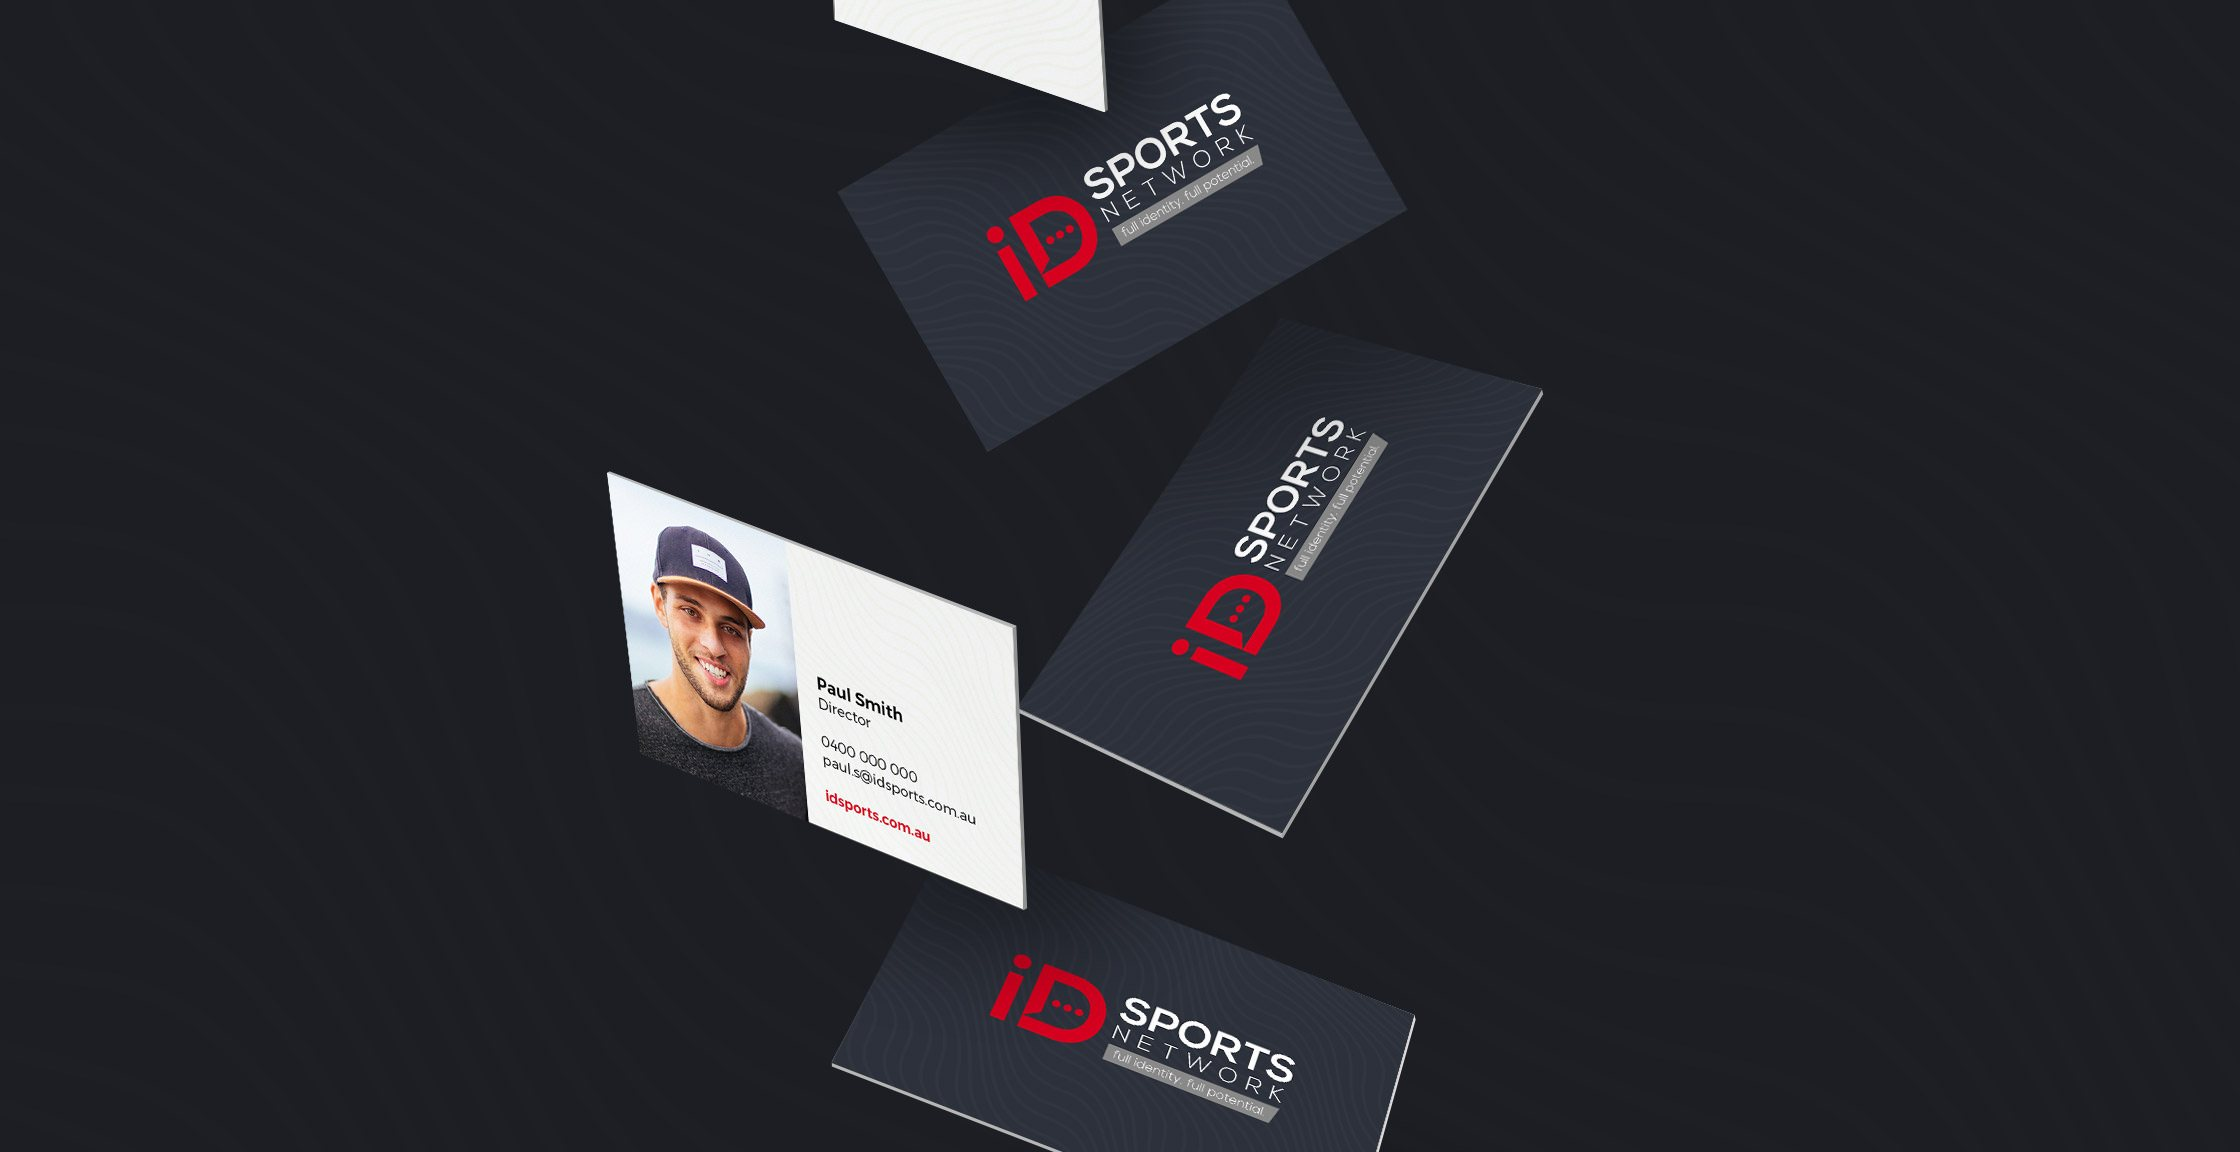 iD Sports